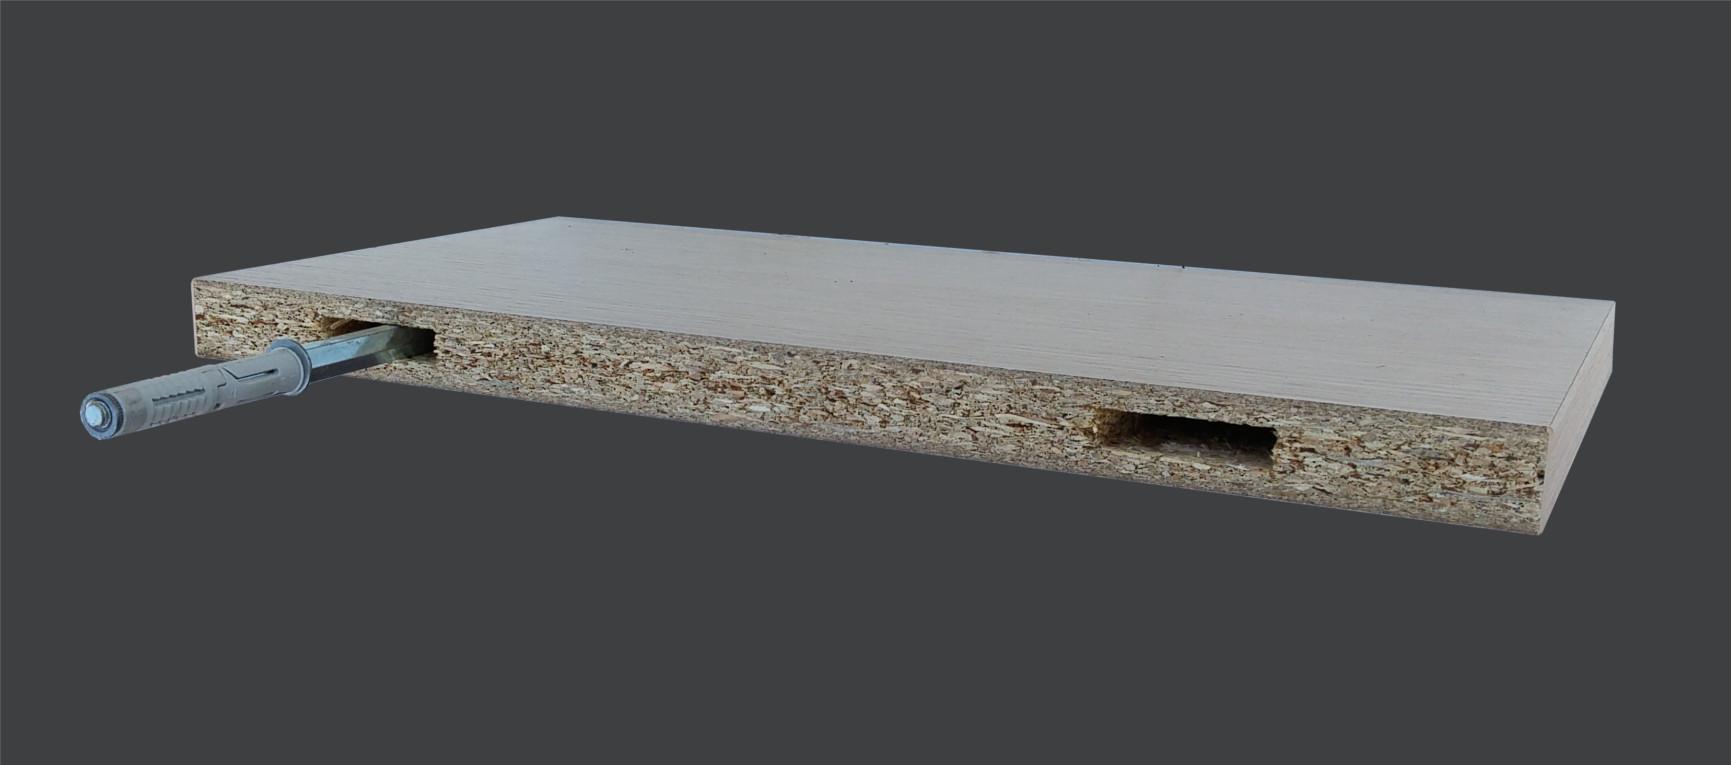 Mensole Laminato Bianco.Mensola A Muro In Legno Laminato Spessore 25mm